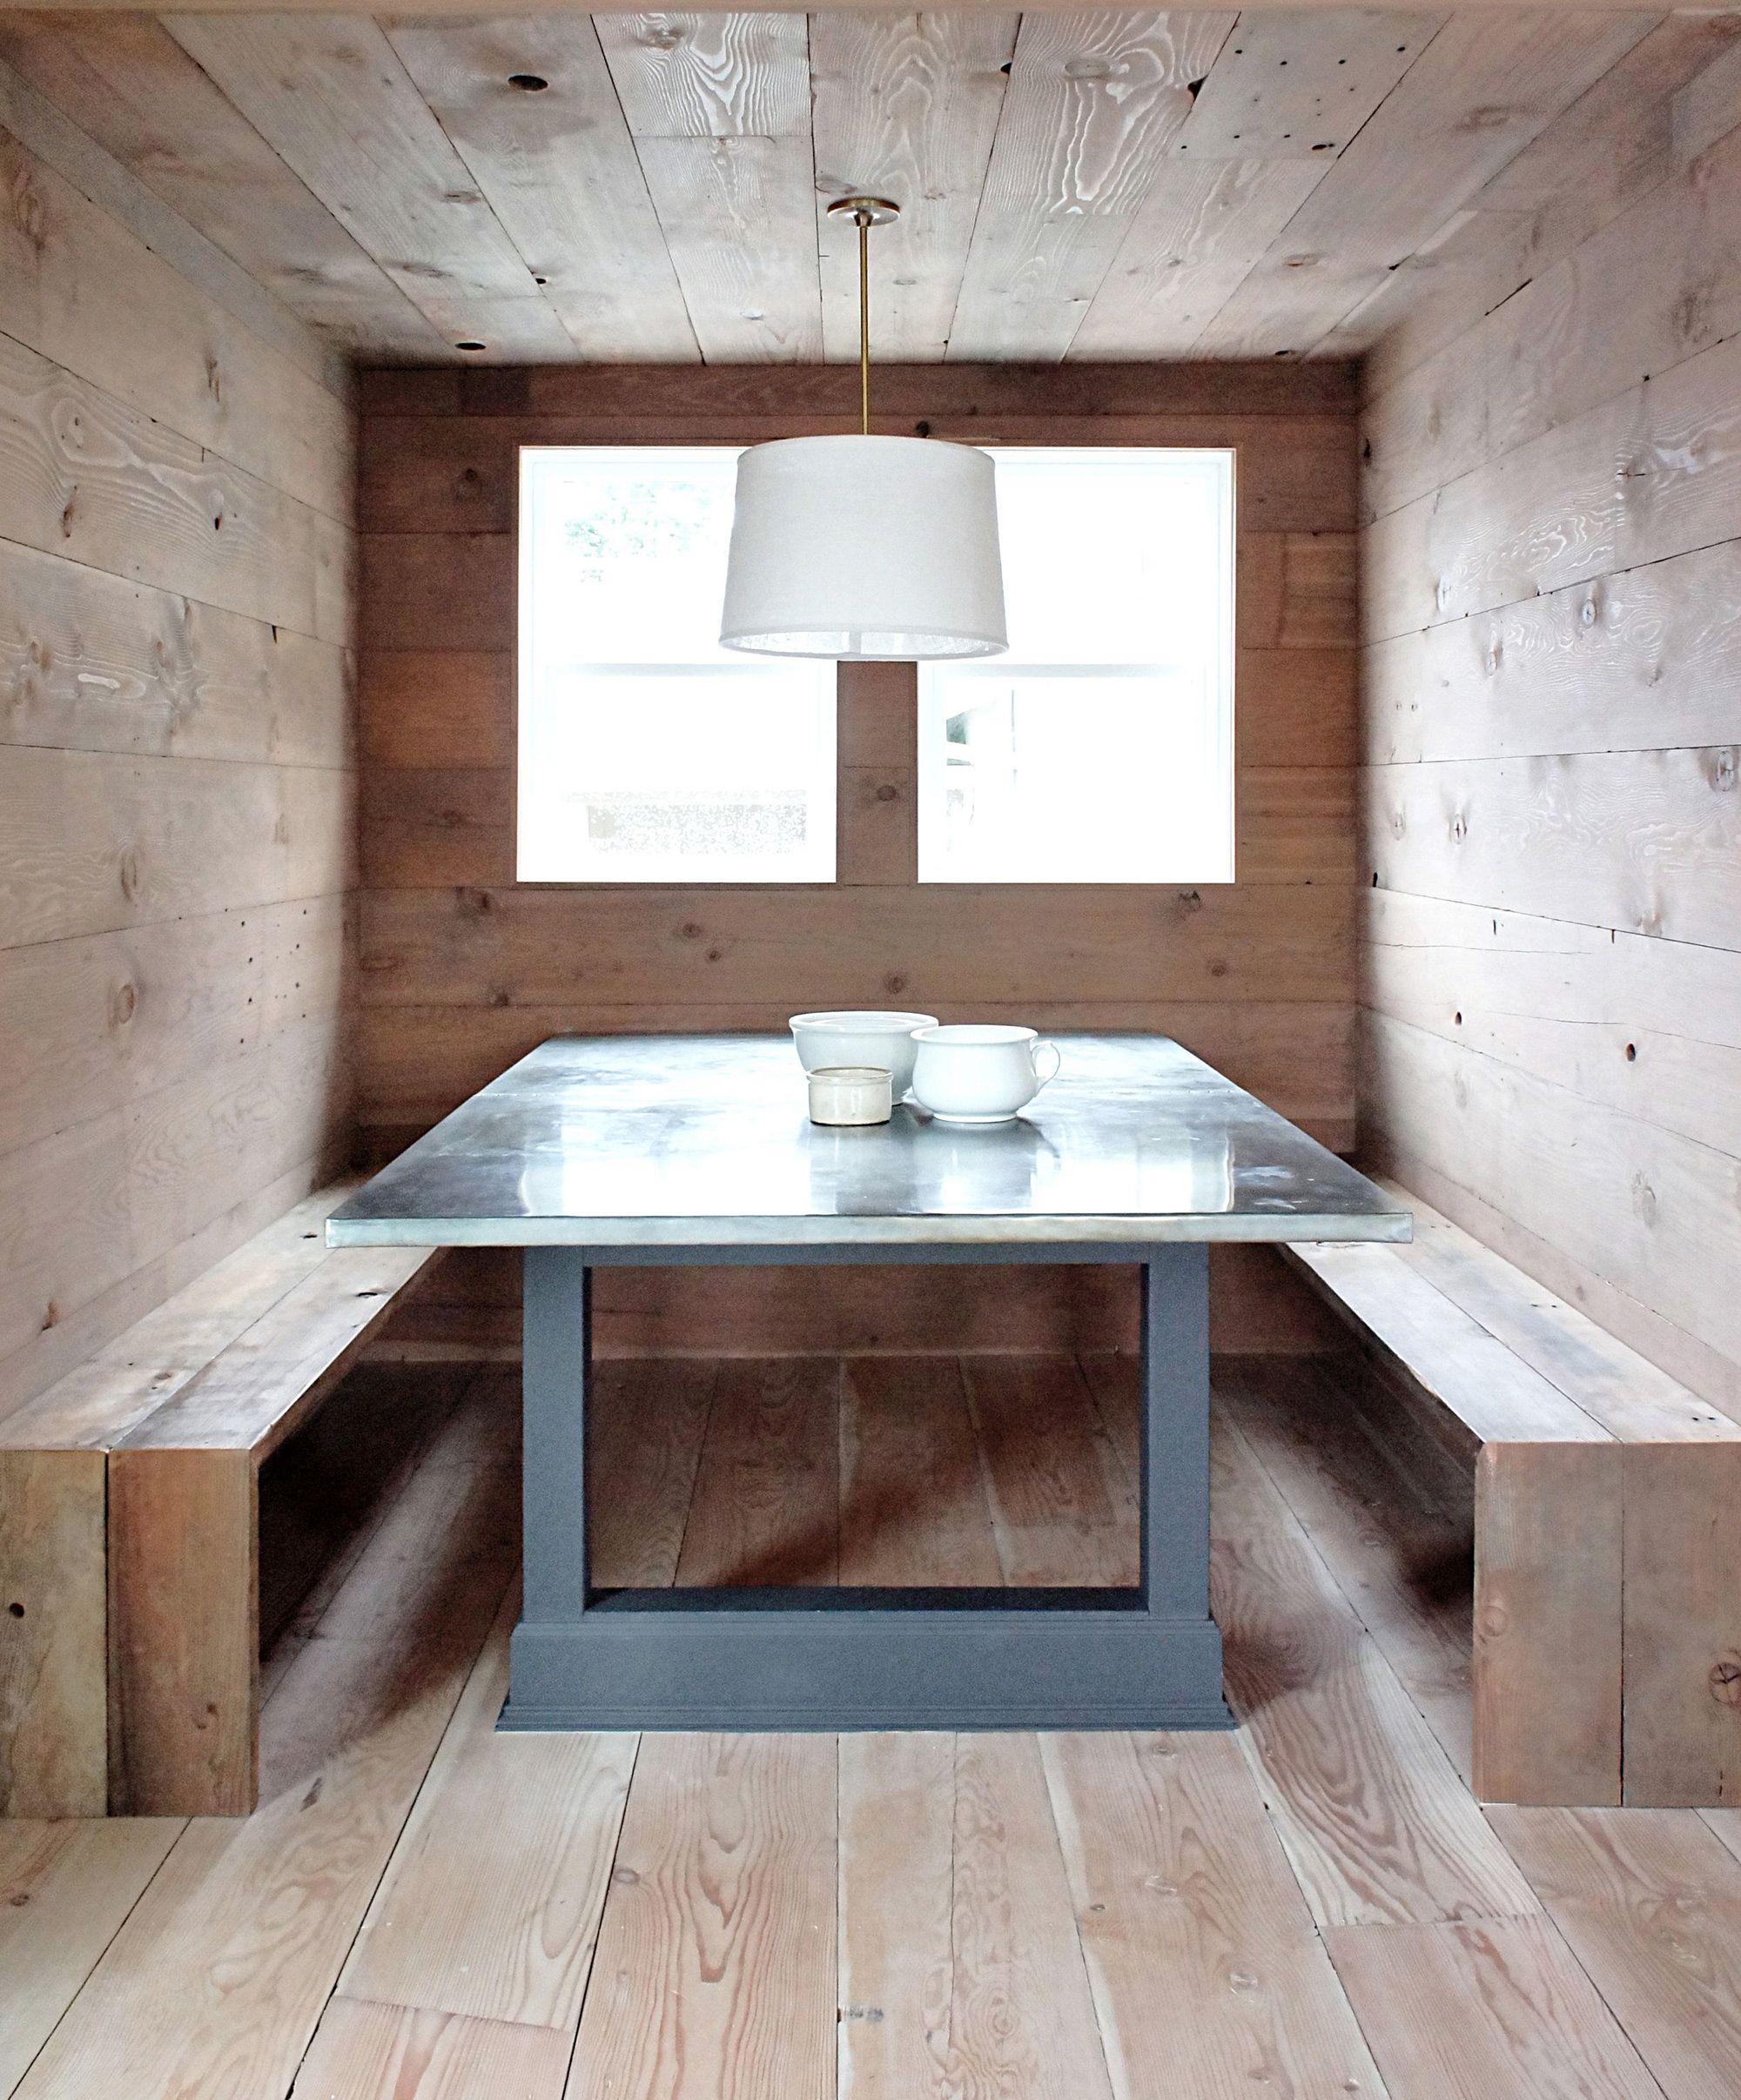 8 Breakfast Nook Ideas - Kitchen Nook Furniture